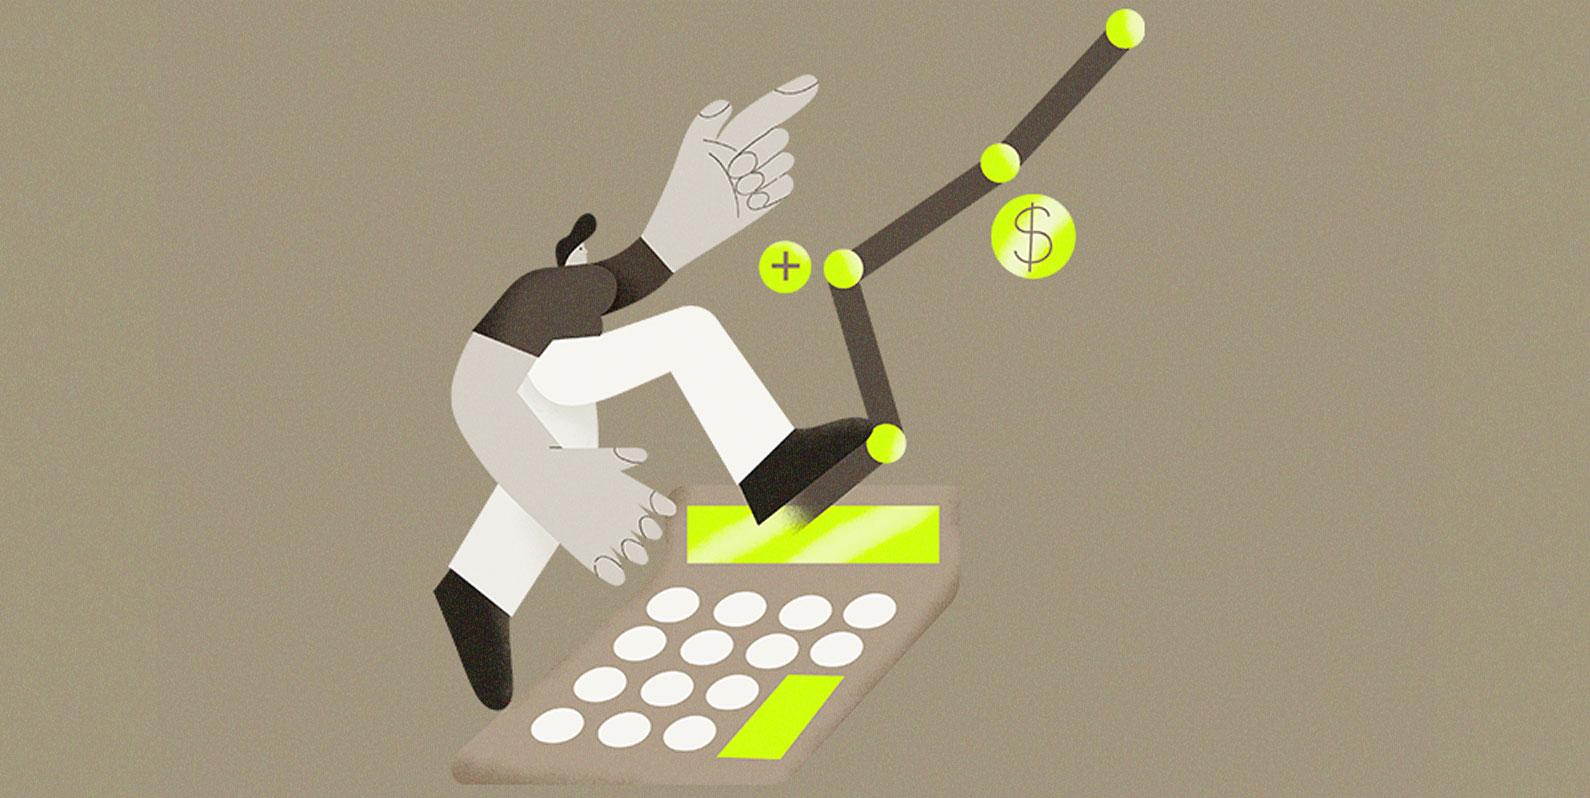 Finalmente os CMOs têm ferramentas para medir precisamente o ROI do marketing